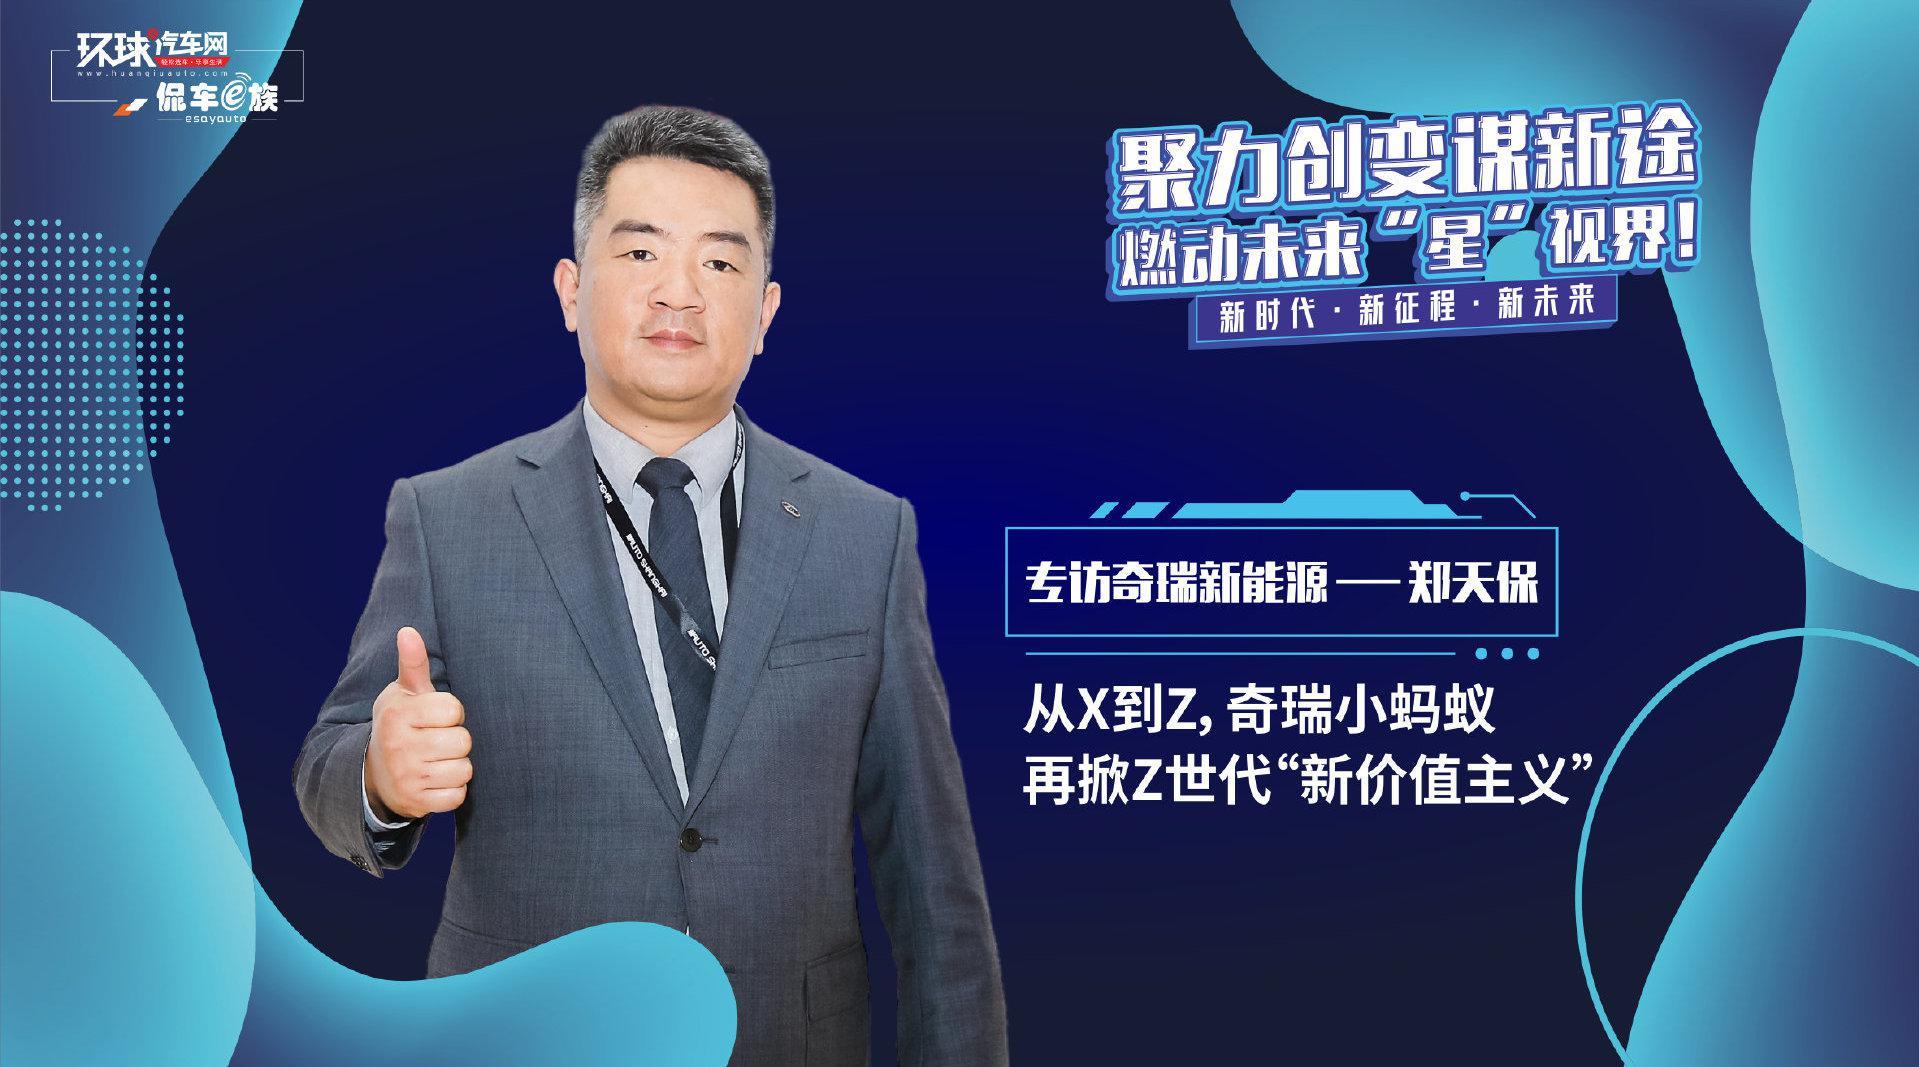 """视频:从X到Z,奇瑞小蚂蚁再掀Z世代""""新价值主义"""""""